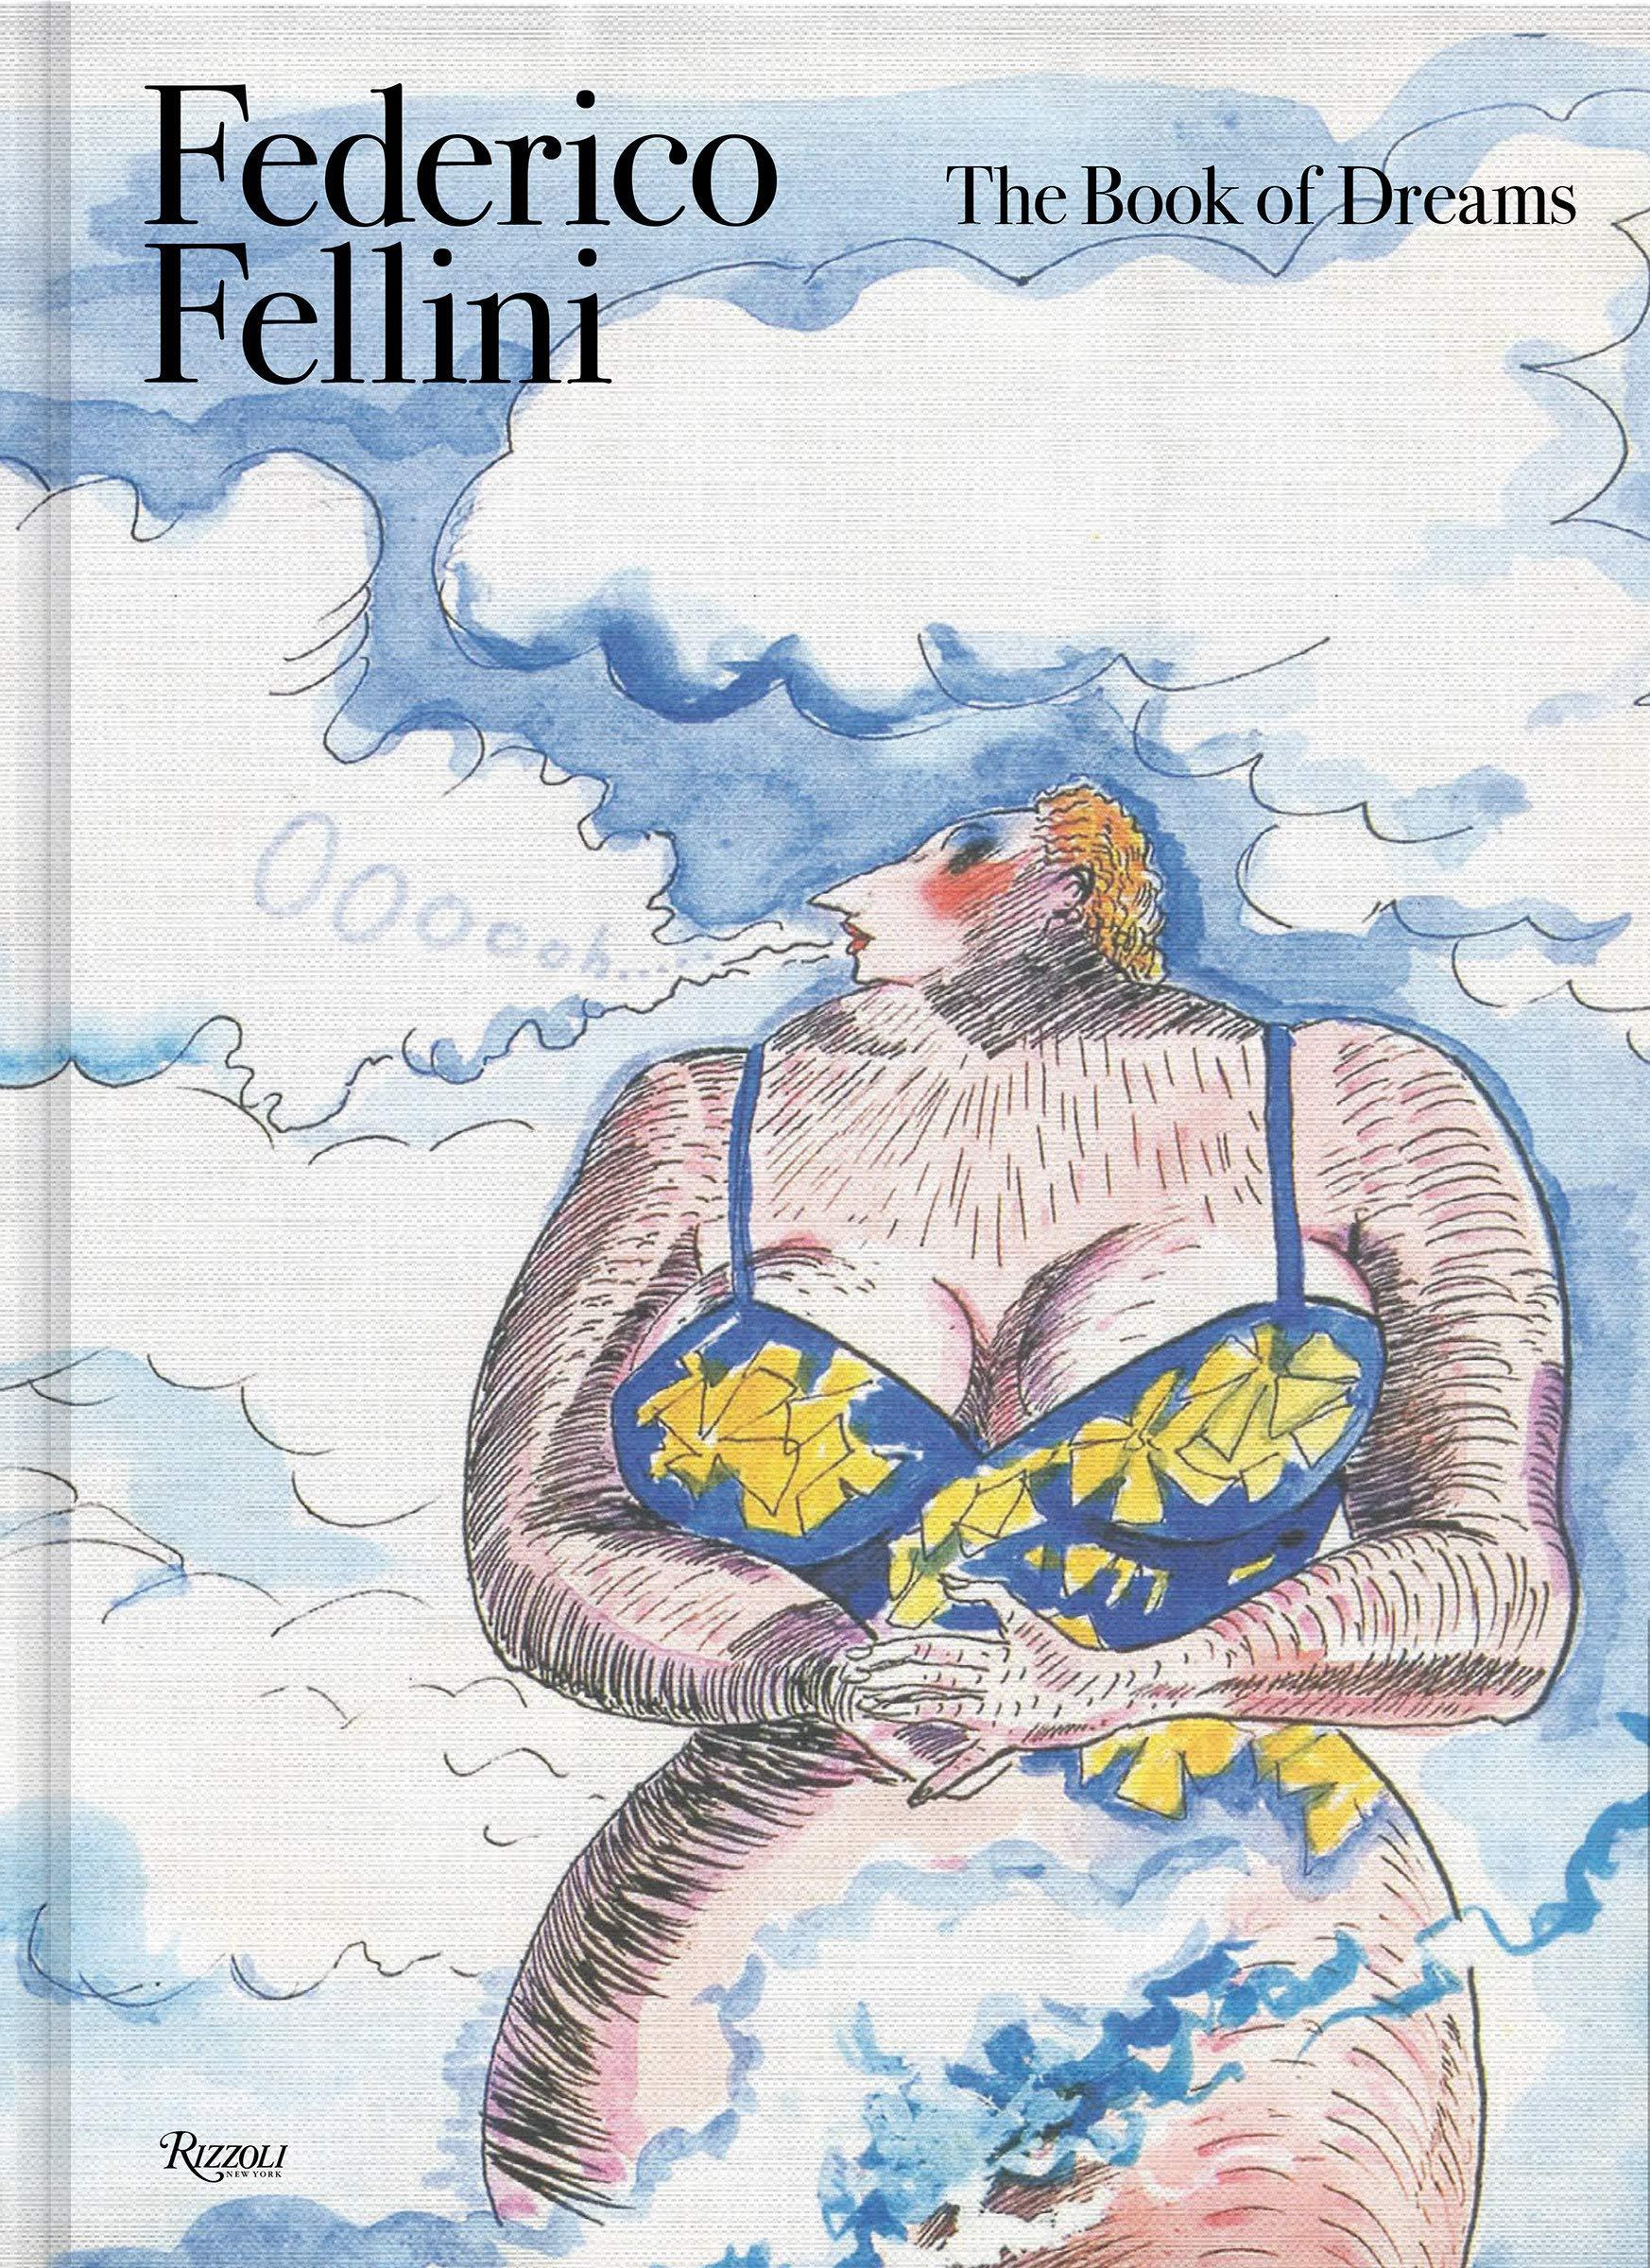 The book of dreams de Federico Fellini